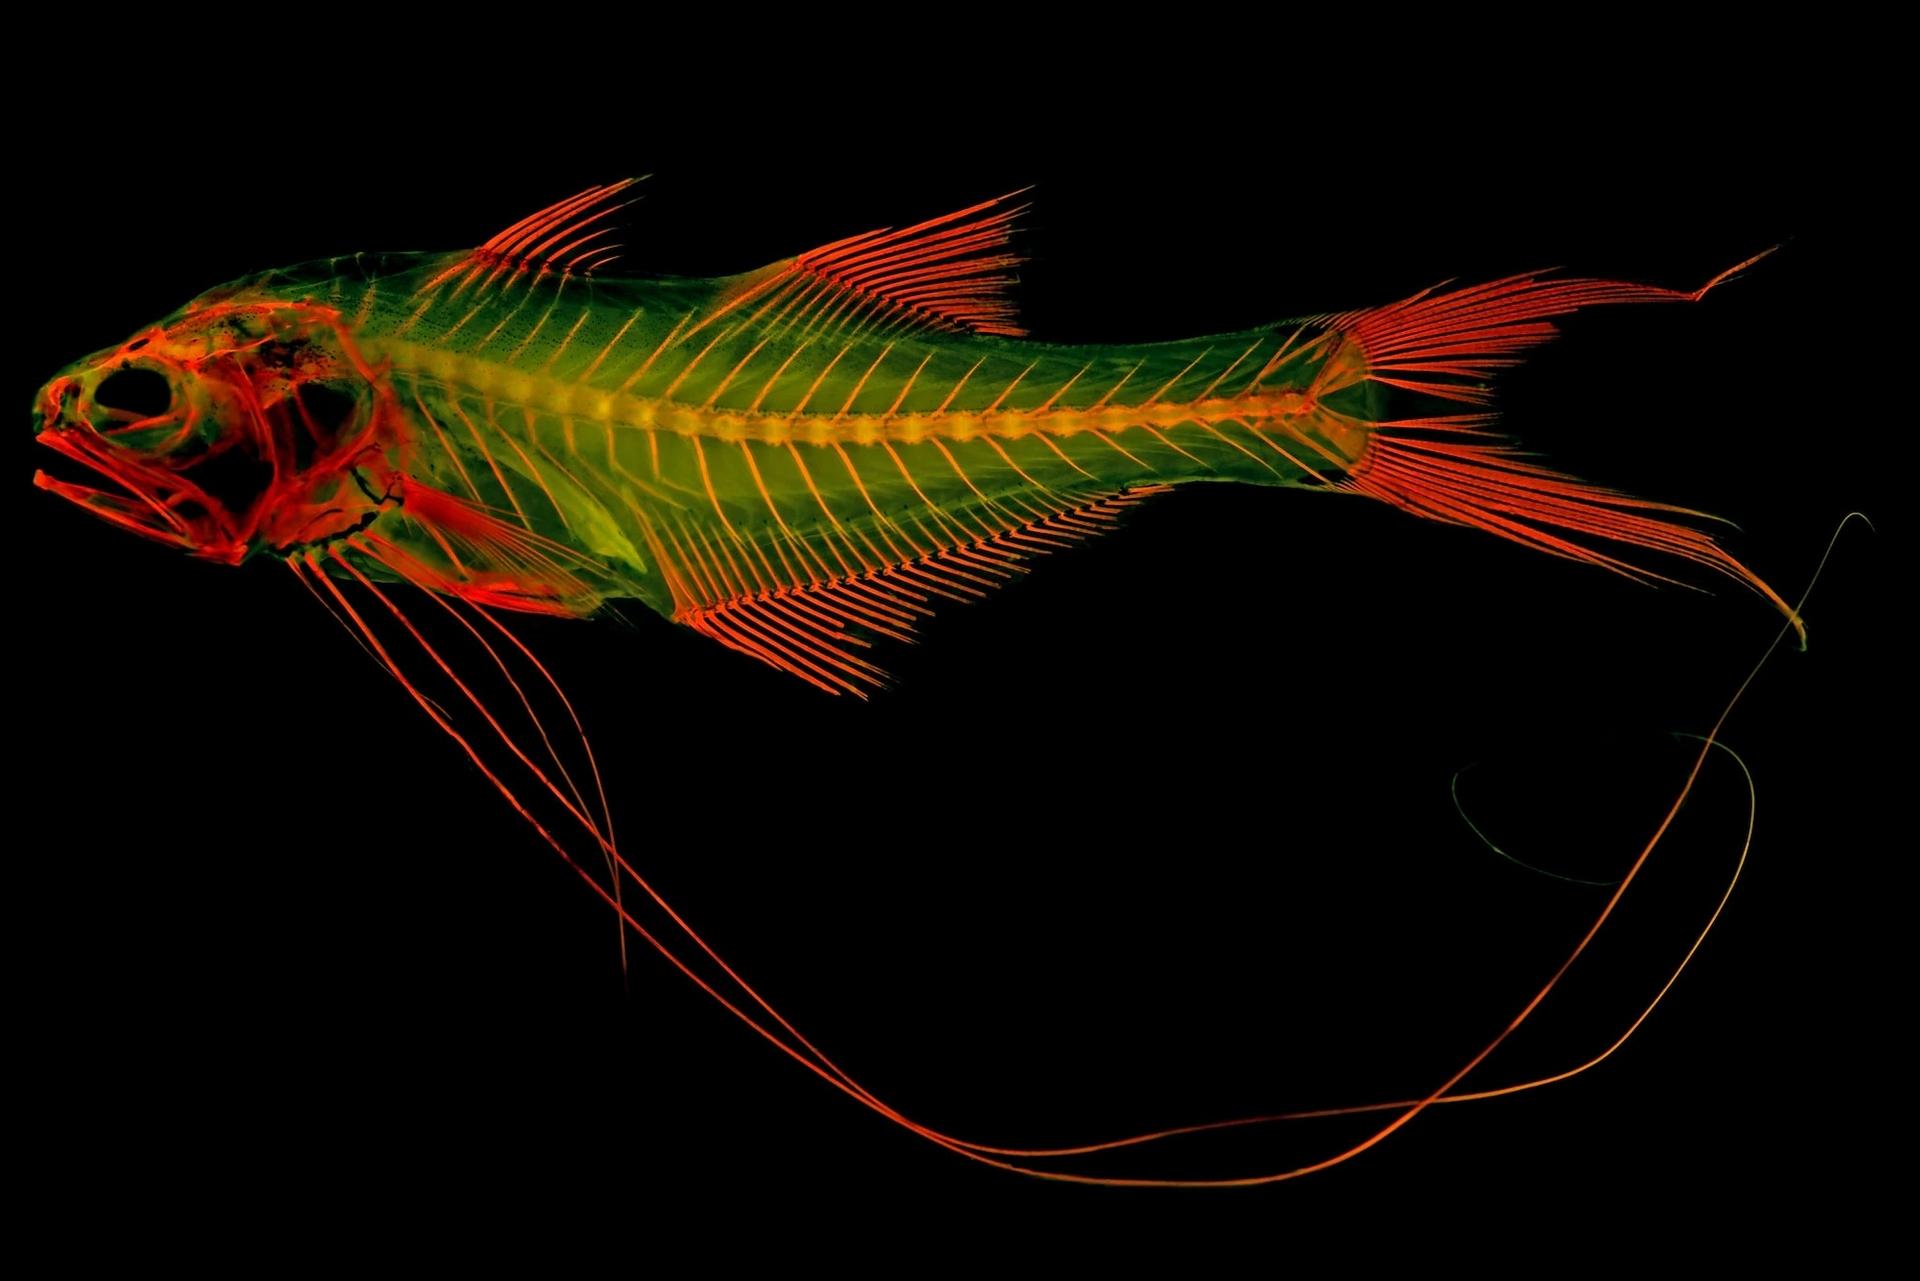 聖克勞德州立大學的生物學教授麥特.戴維斯以五絲長指馬鮁(royal threadfin)染過紅色染劑的骨骼標本為例,說明這項技術與夜光玩具的原理類似,在特定波長光線下會發出陣陣螢光。PHOTOGRAPH BY MATTHEW GIRARD, UNIVERSITY OF KANSAS